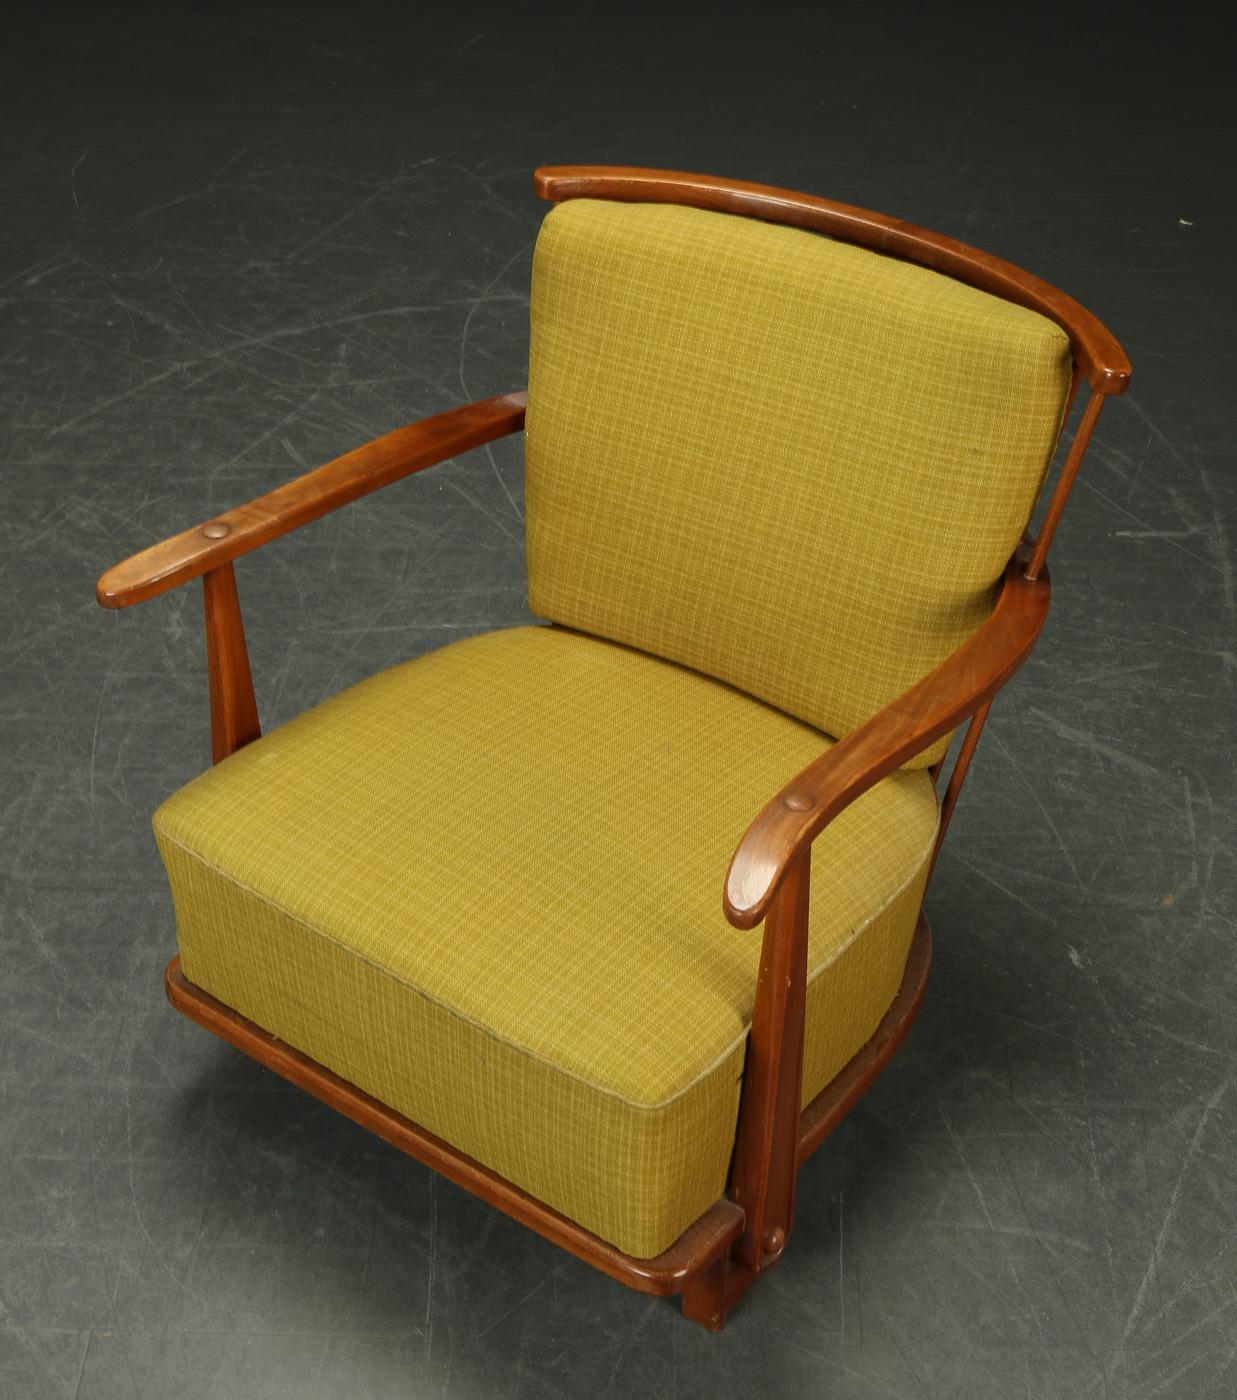 Lænestol, elm, 1940'erne, Fritz Hansen model 1590 |